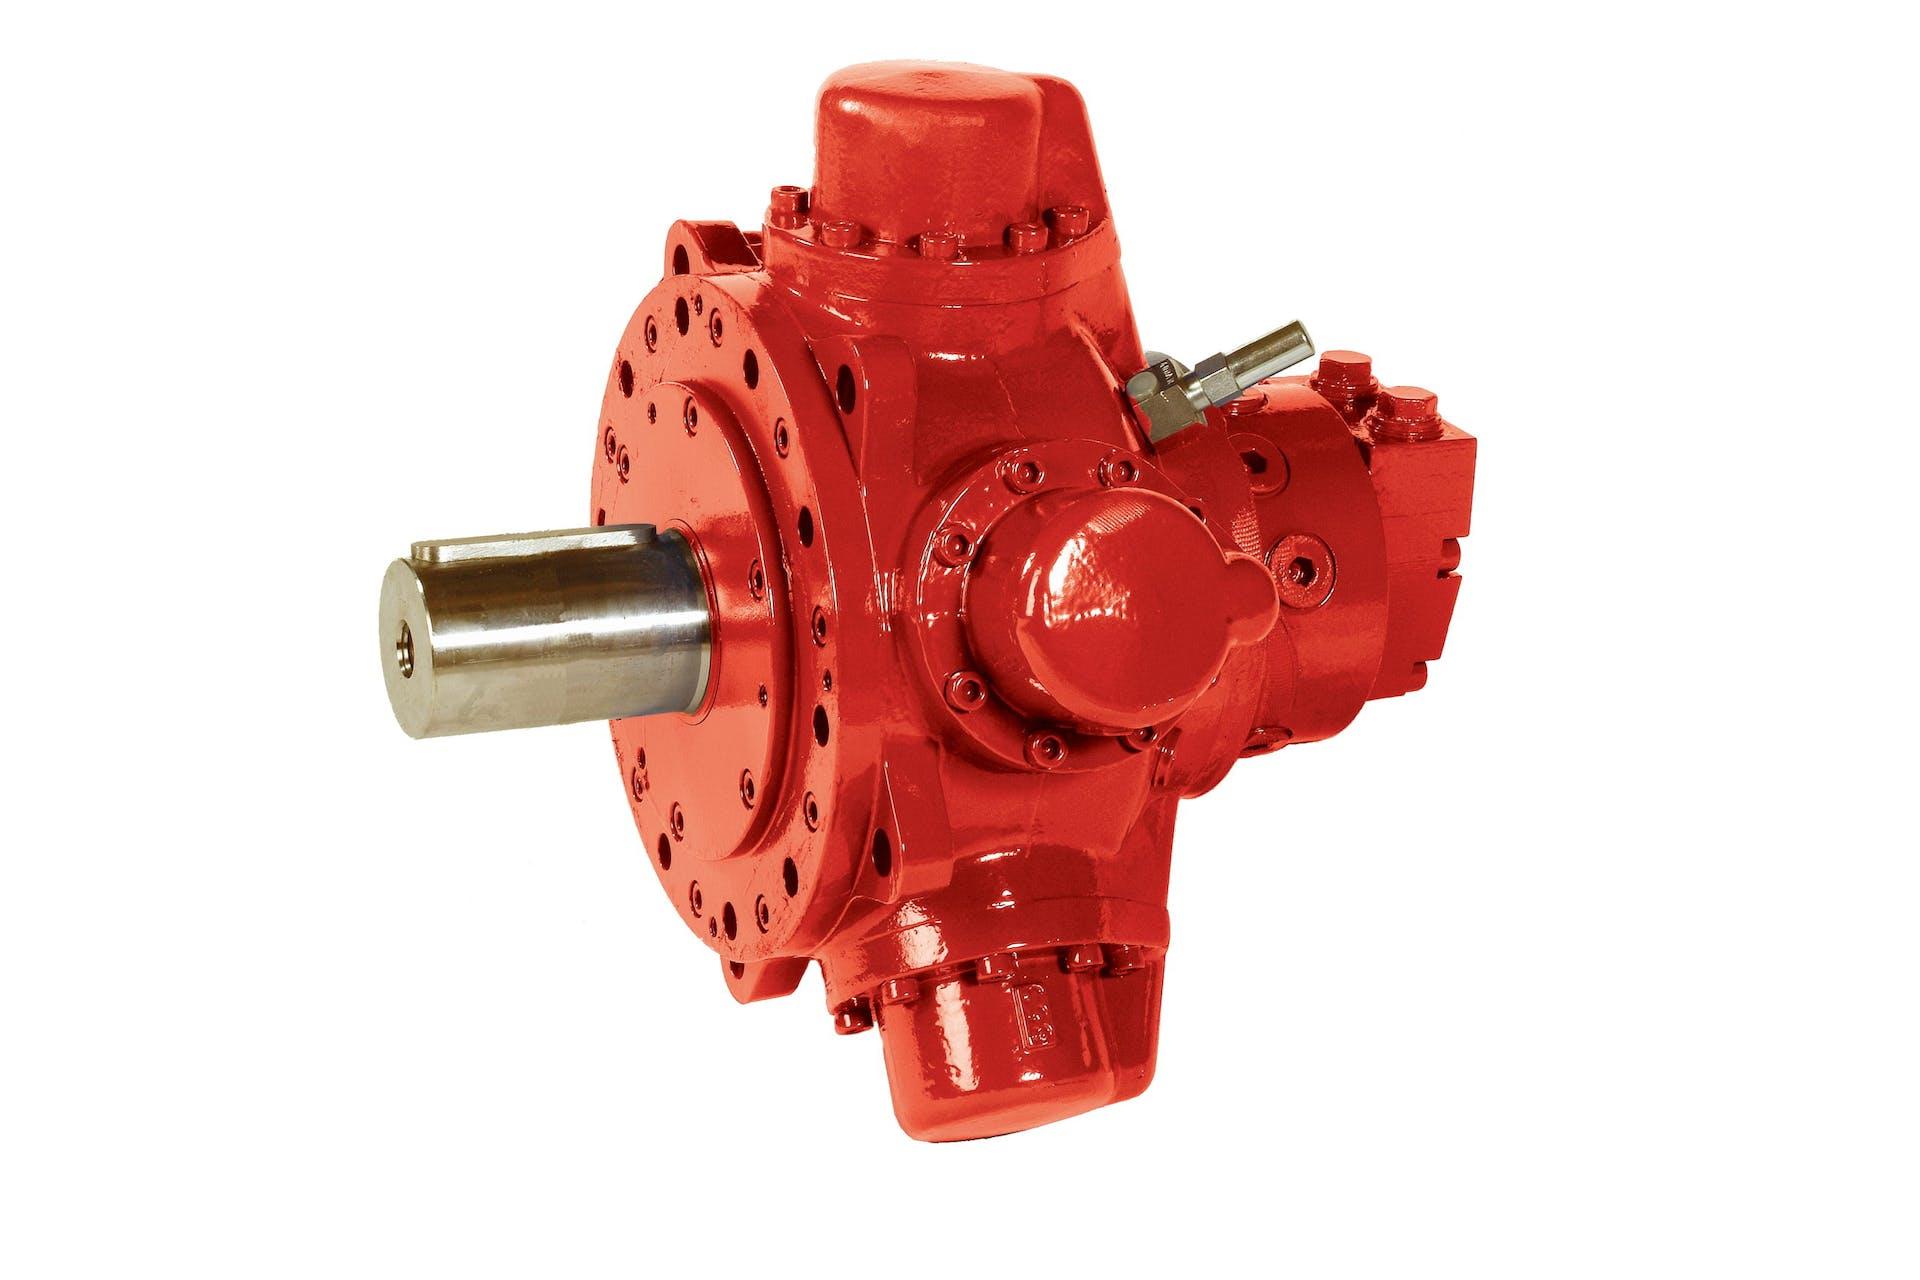 Imenco Bauer hydraulic motor HML